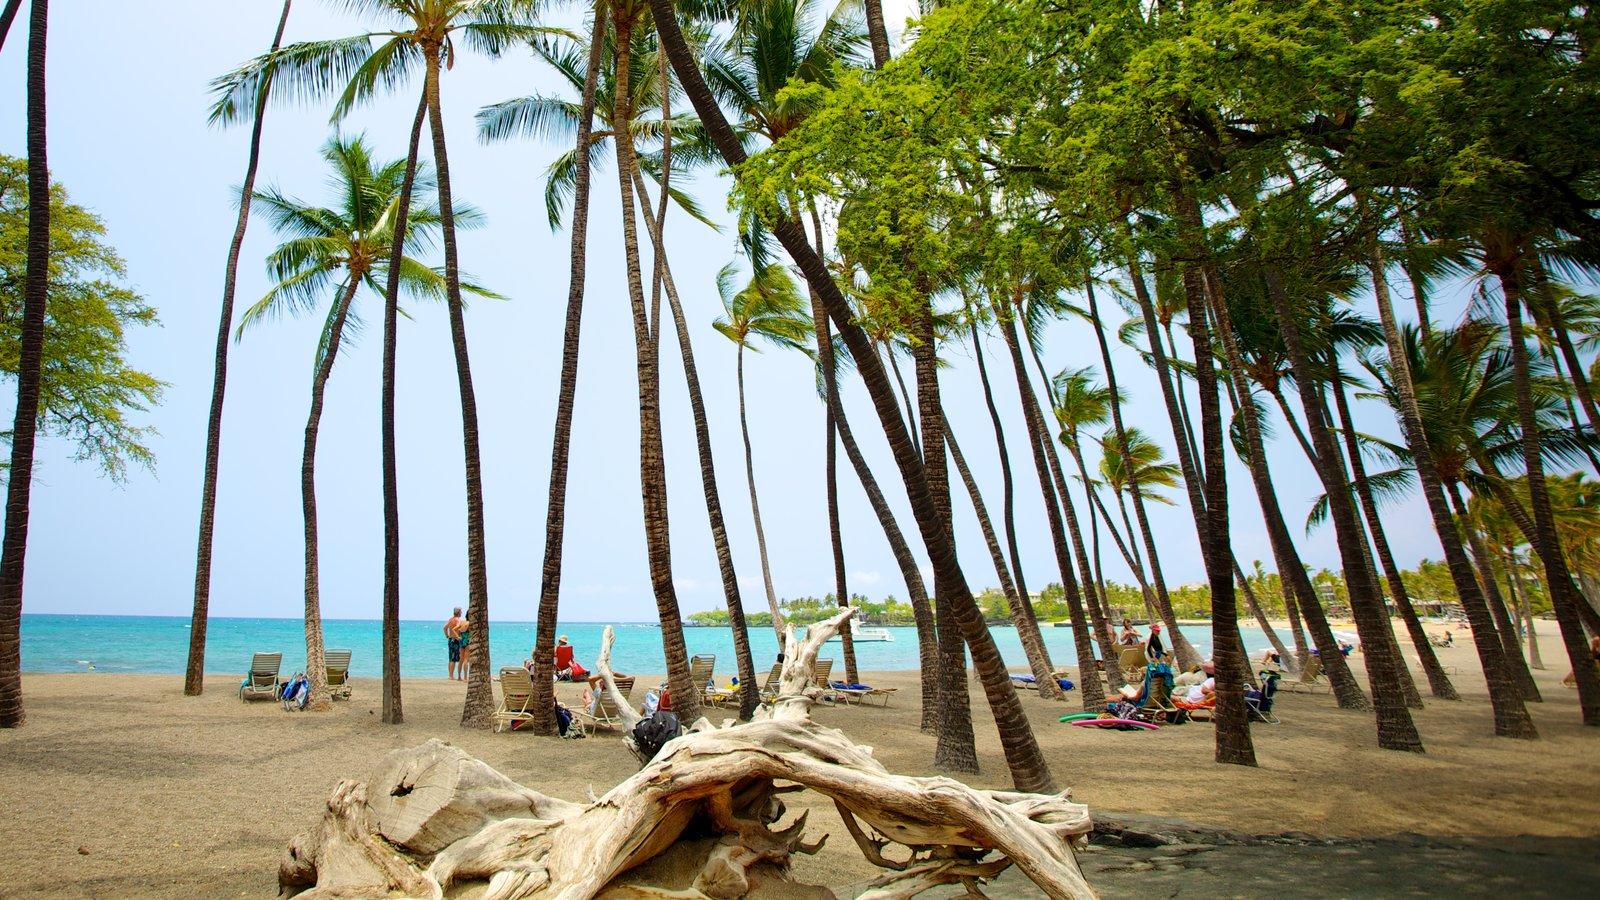 Hawai que incluye escenas tropicales y una playa de arena